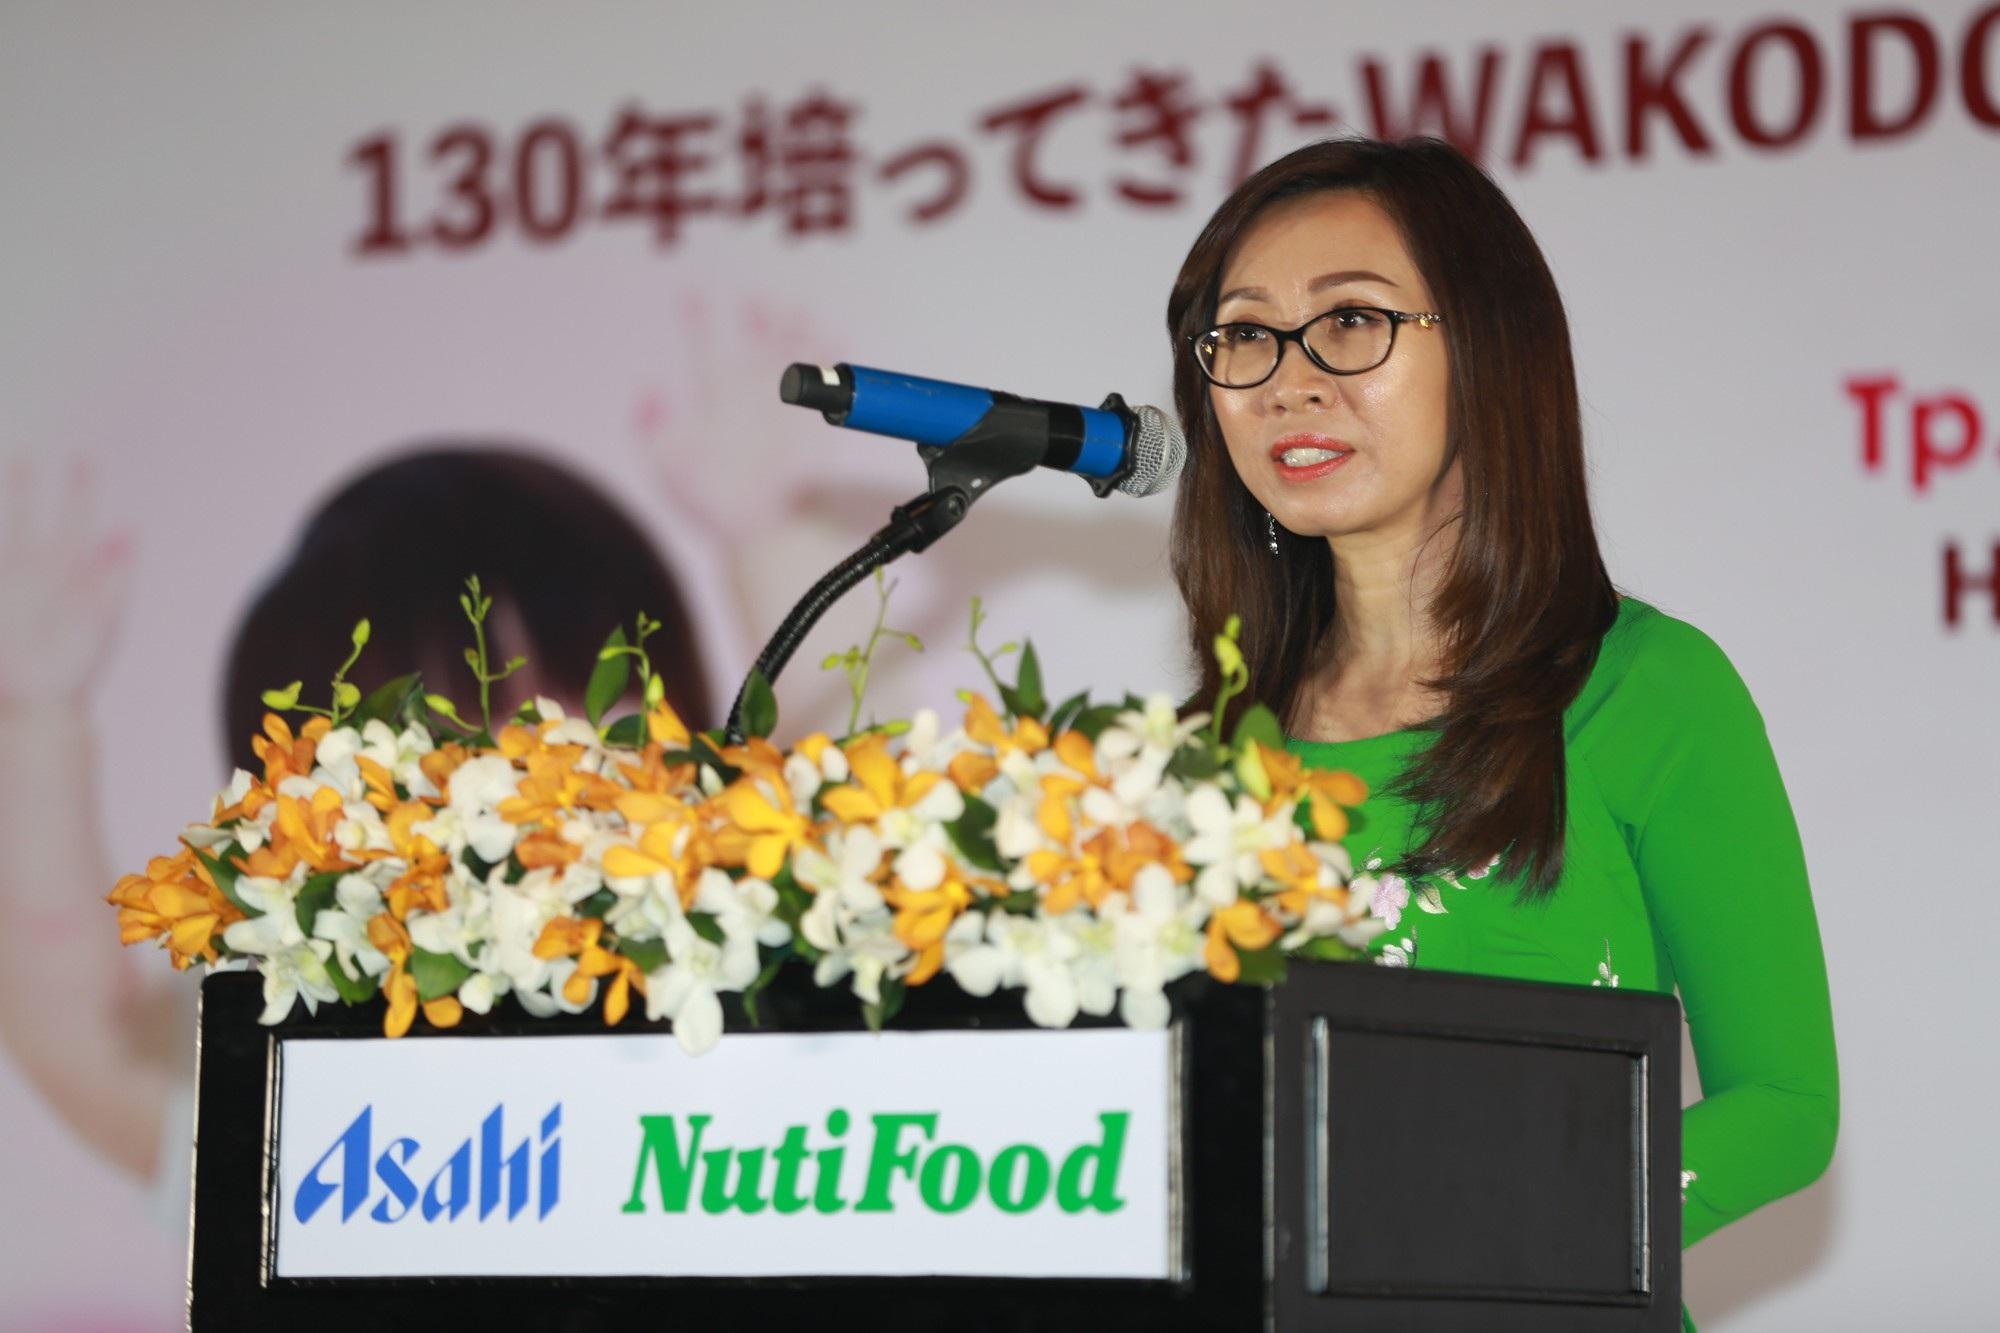 Trẻ em Việt Nam có cơ hội sử dụng sản phẩm dinh dưỡng hàng đầu Nhật Bản - Ảnh 2.